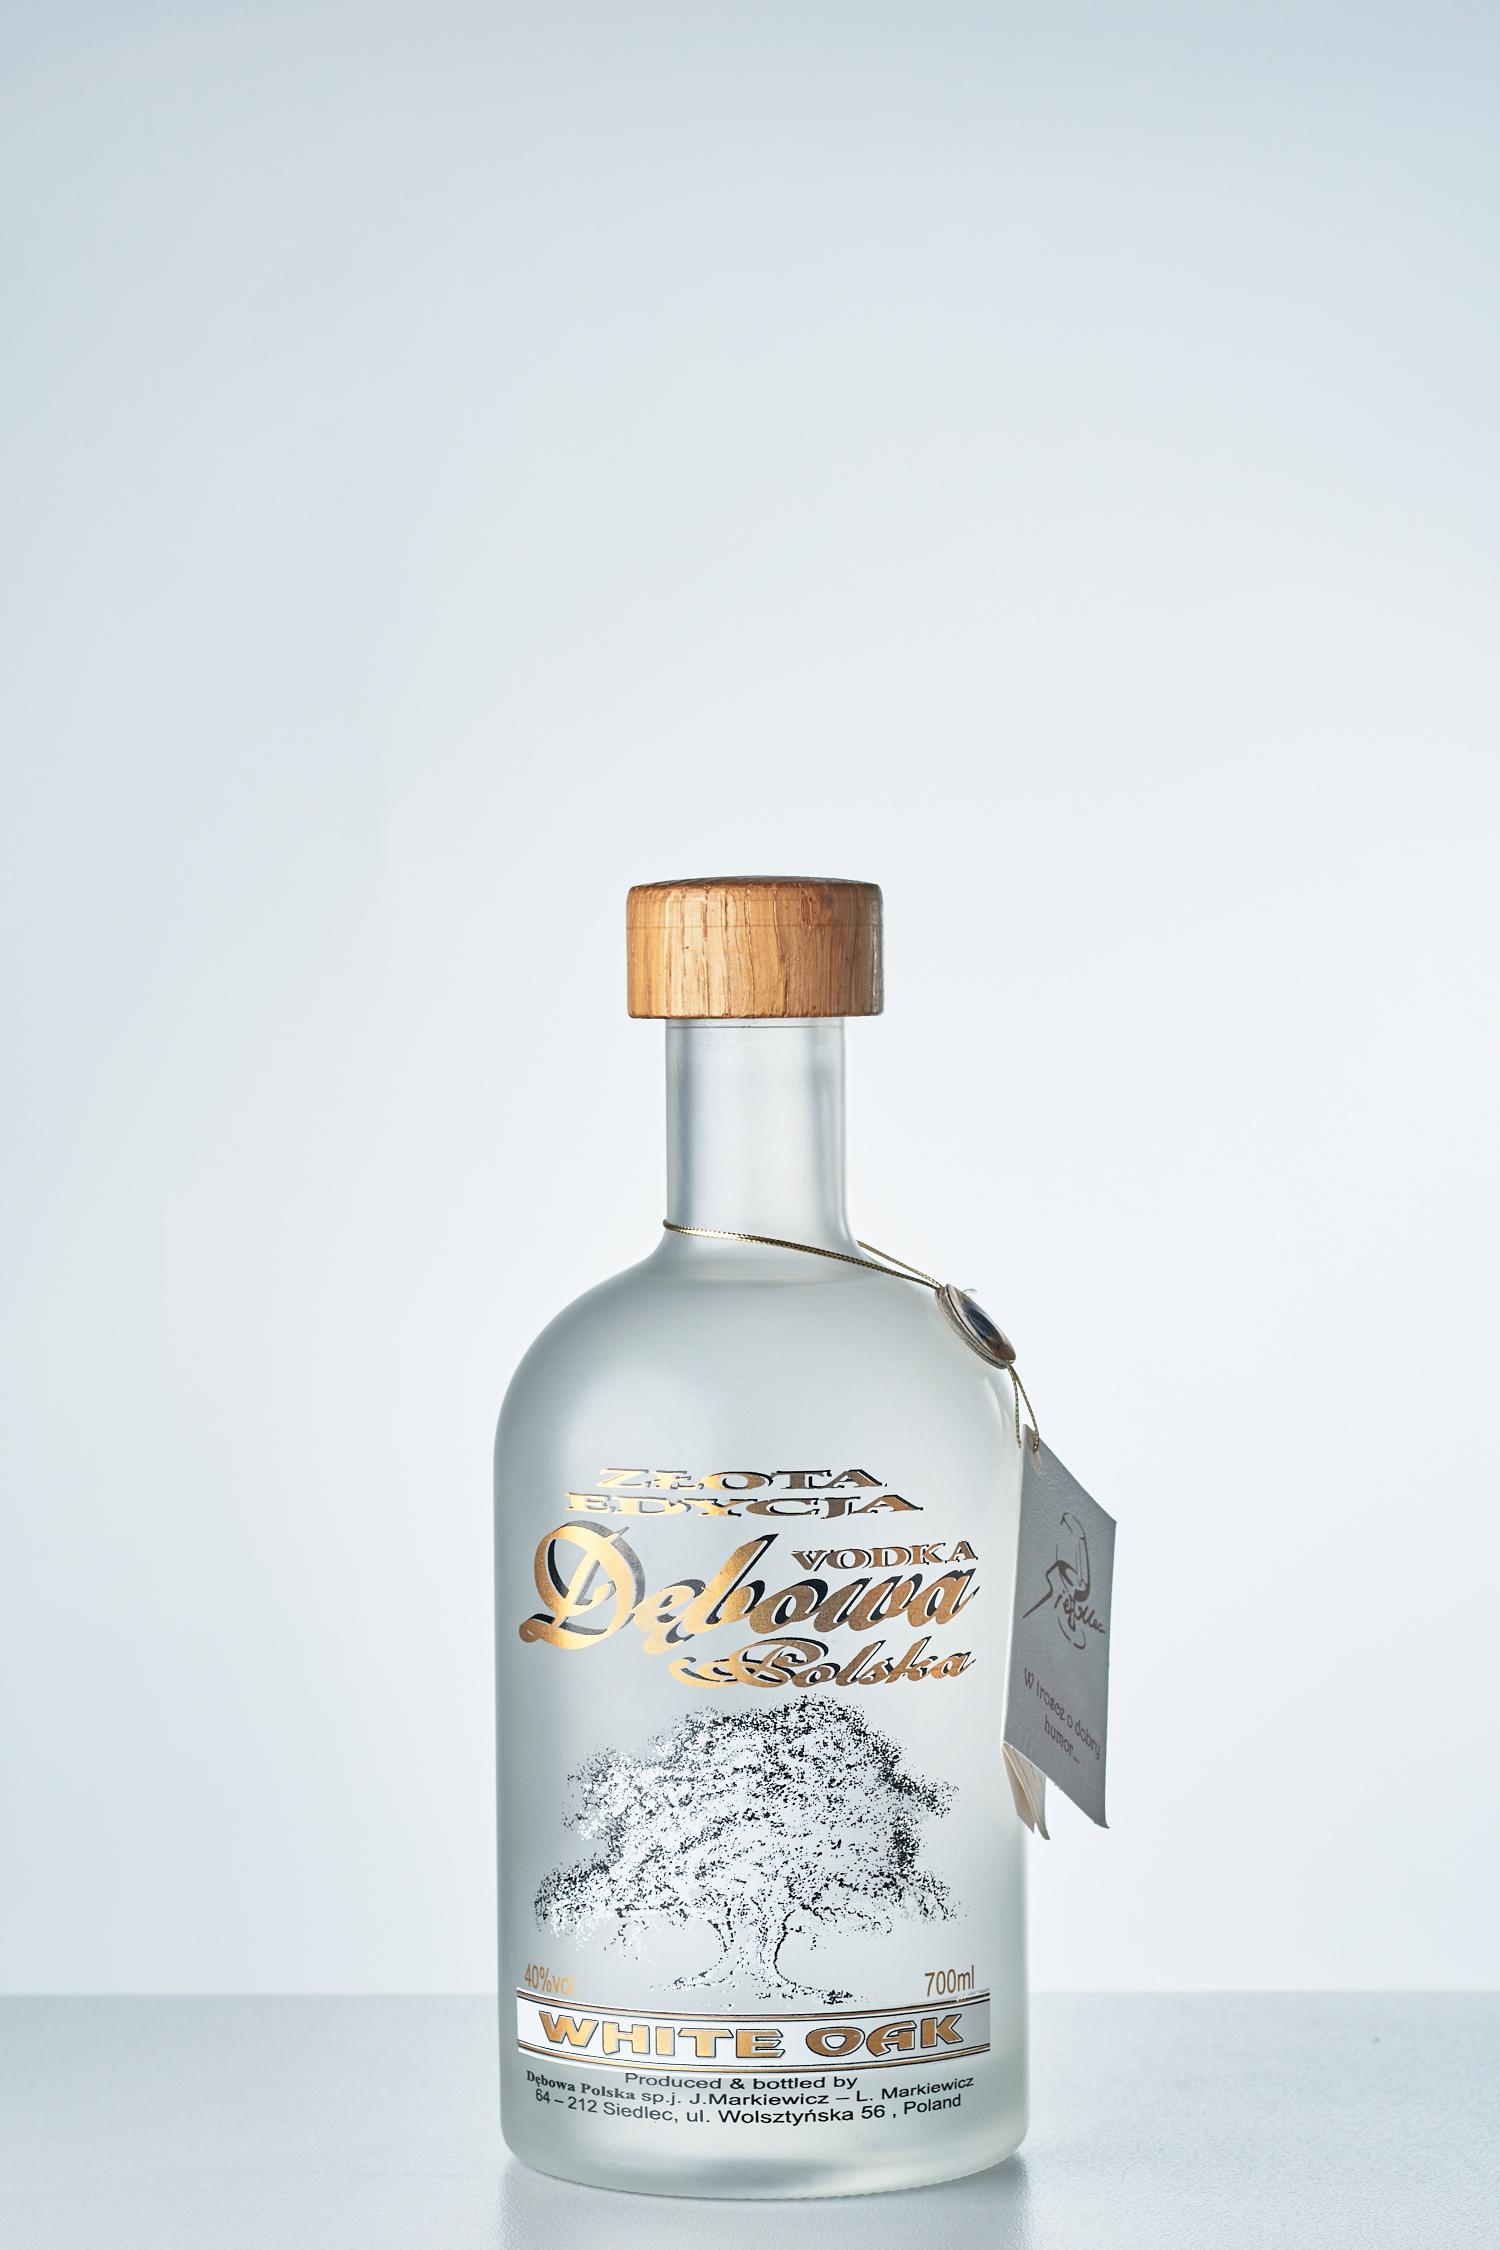 Debowa Polka - White Oak